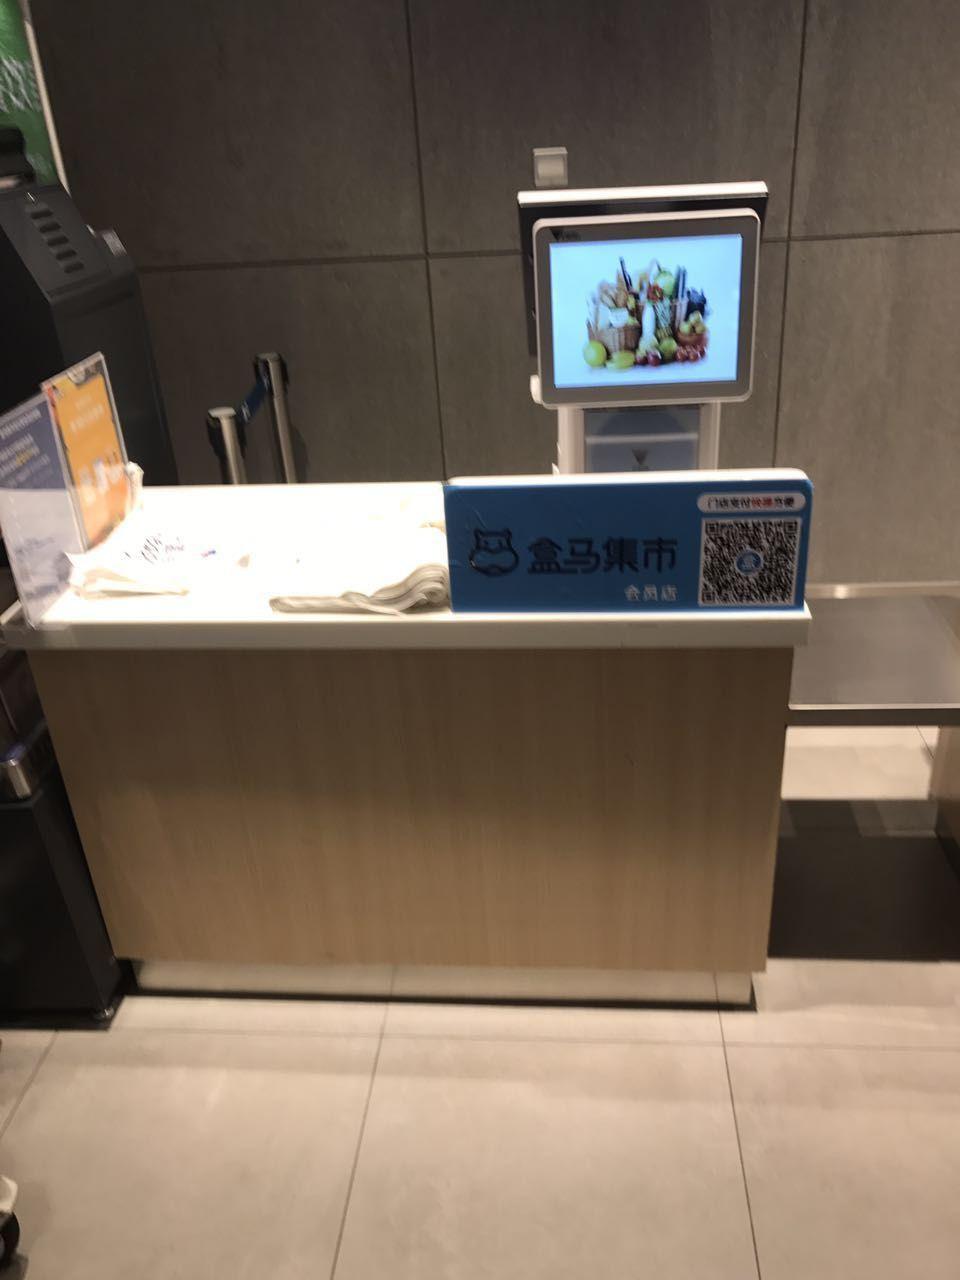 Produits Frais livrés en 29 minutes les Chinois s'y mettent : Alibaba avec Hema a-il trouvé le concept magasin idéal ?